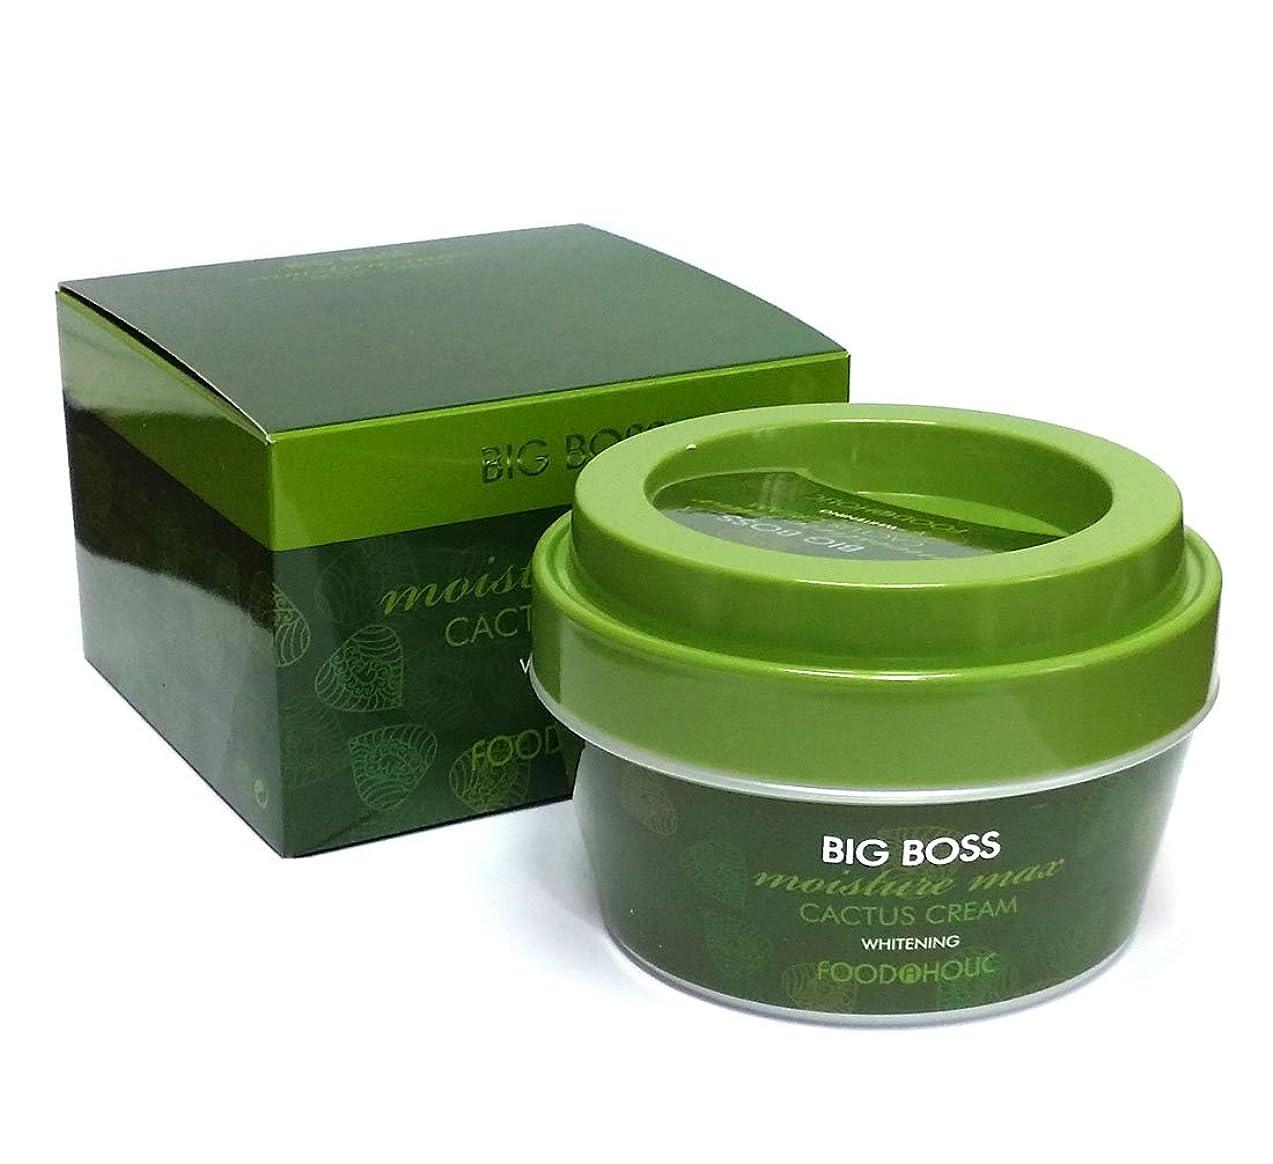 タッチ溶岩フェデレーション[FoodaHolic] ビッグボスモイスチャーマックスサボテンクリーム300g / Big Boss Moisture Max Cactus Cream 300g / ホワイトニング / Whitening / 韓国化粧品 / Korean Cosmetics [並行輸入品]